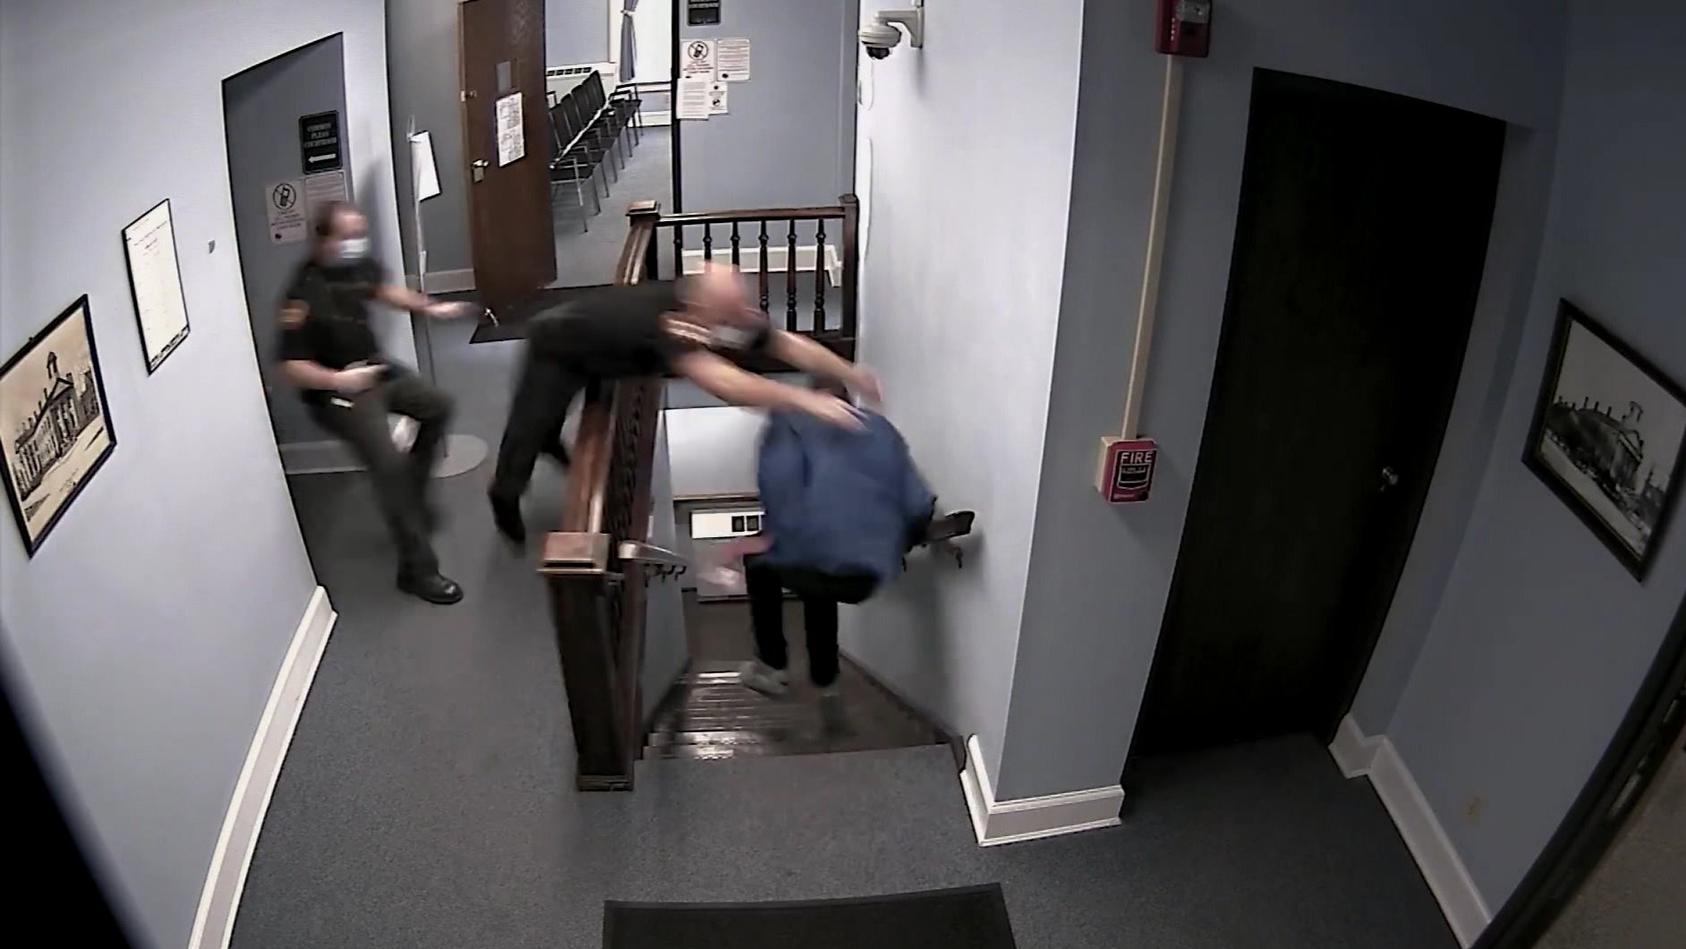 Nicholas Garrison entkommt den Einsatzkräften im Gericht